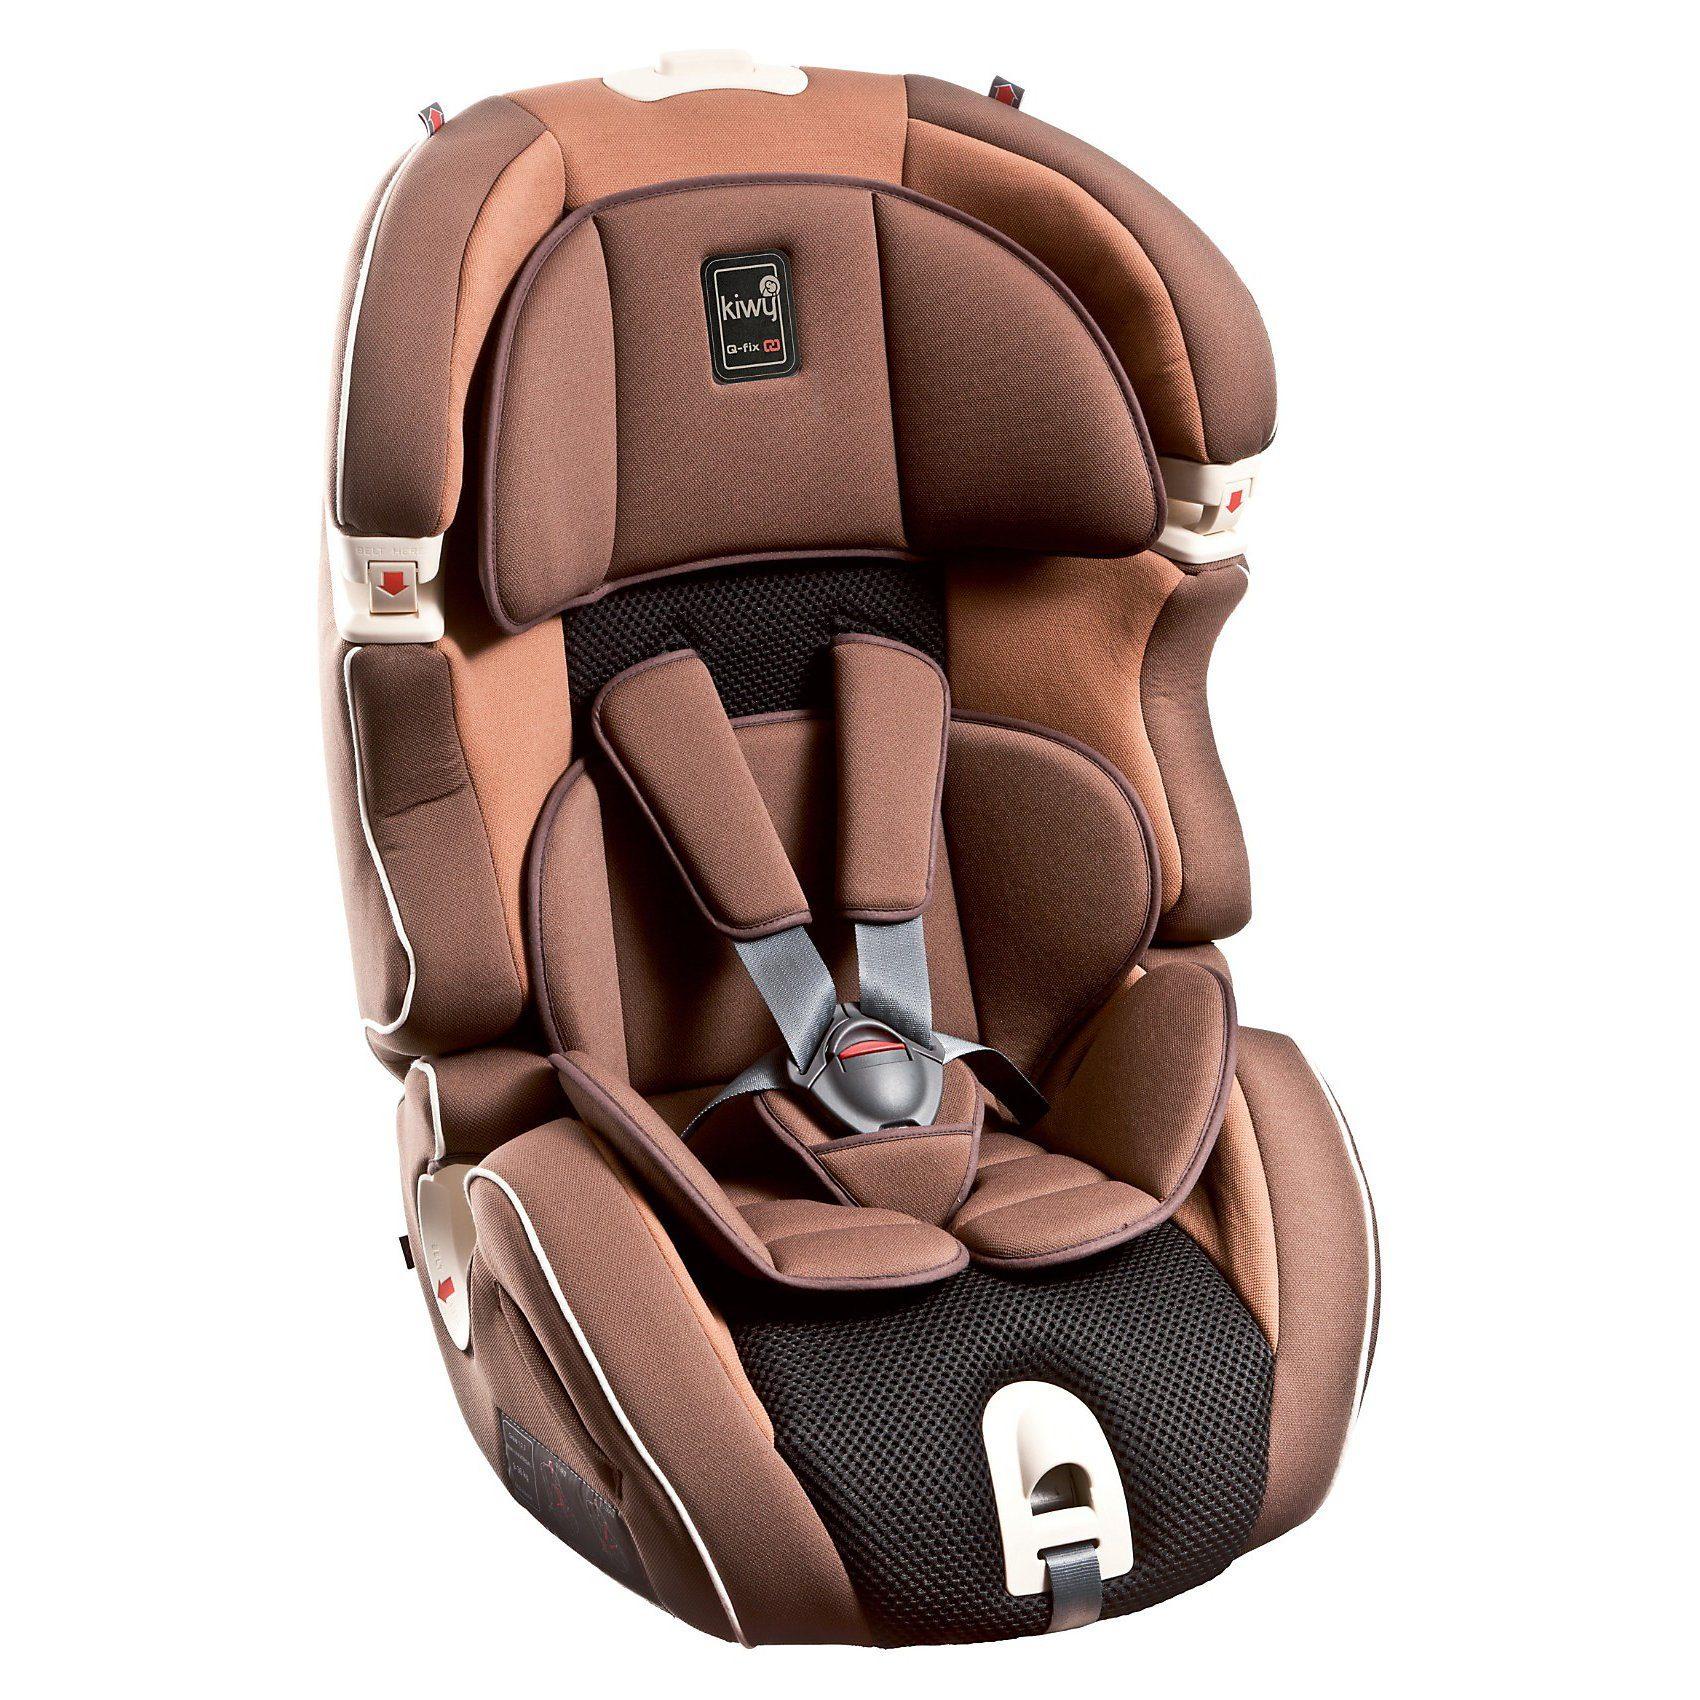 Kiwy Auto-Kindersitz SLF123 Q-Fix, Moka, 2016